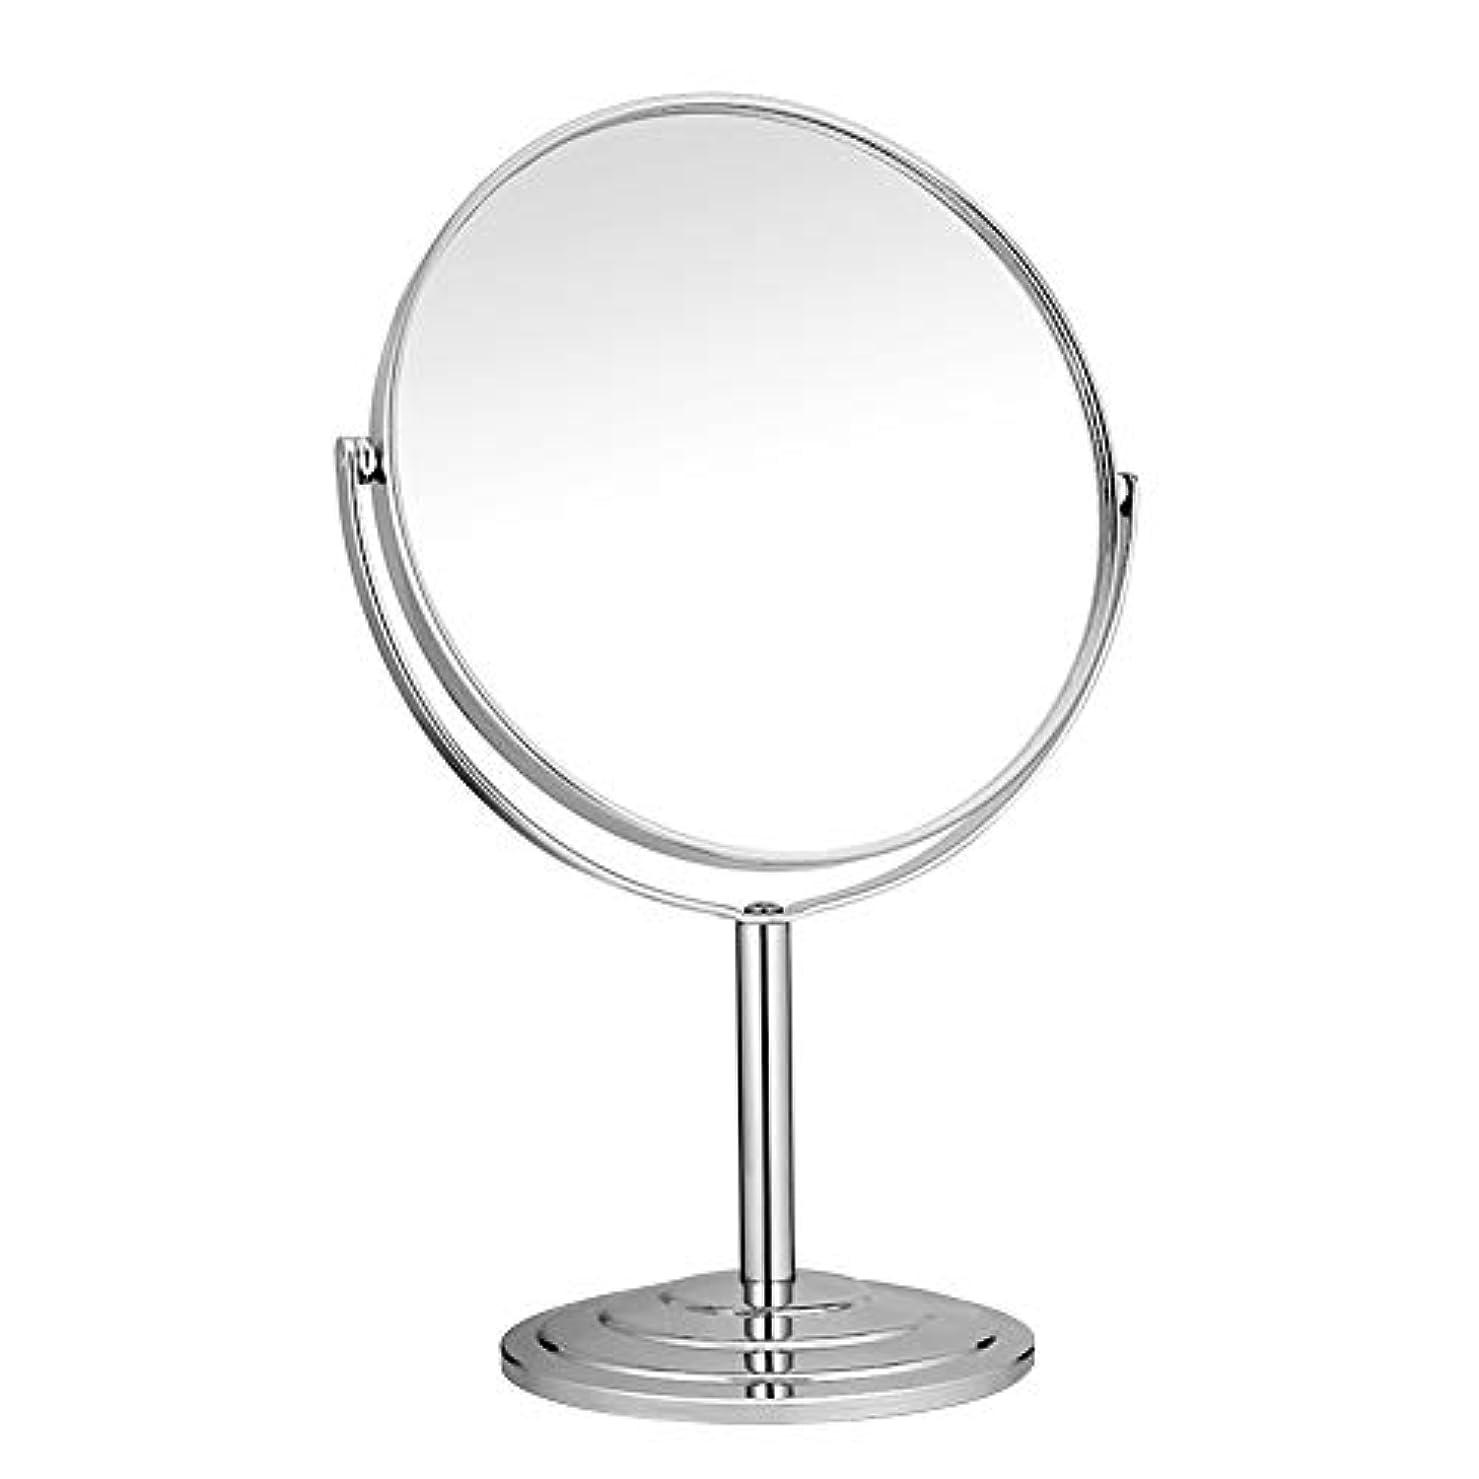 まとめる邪悪な邪悪なRAAKIMO 卓上化粧鏡 メイクミラー 3倍拡大鏡+等倍鏡 両面型 スタンド 360度回転 シルバー (鏡面15cm)